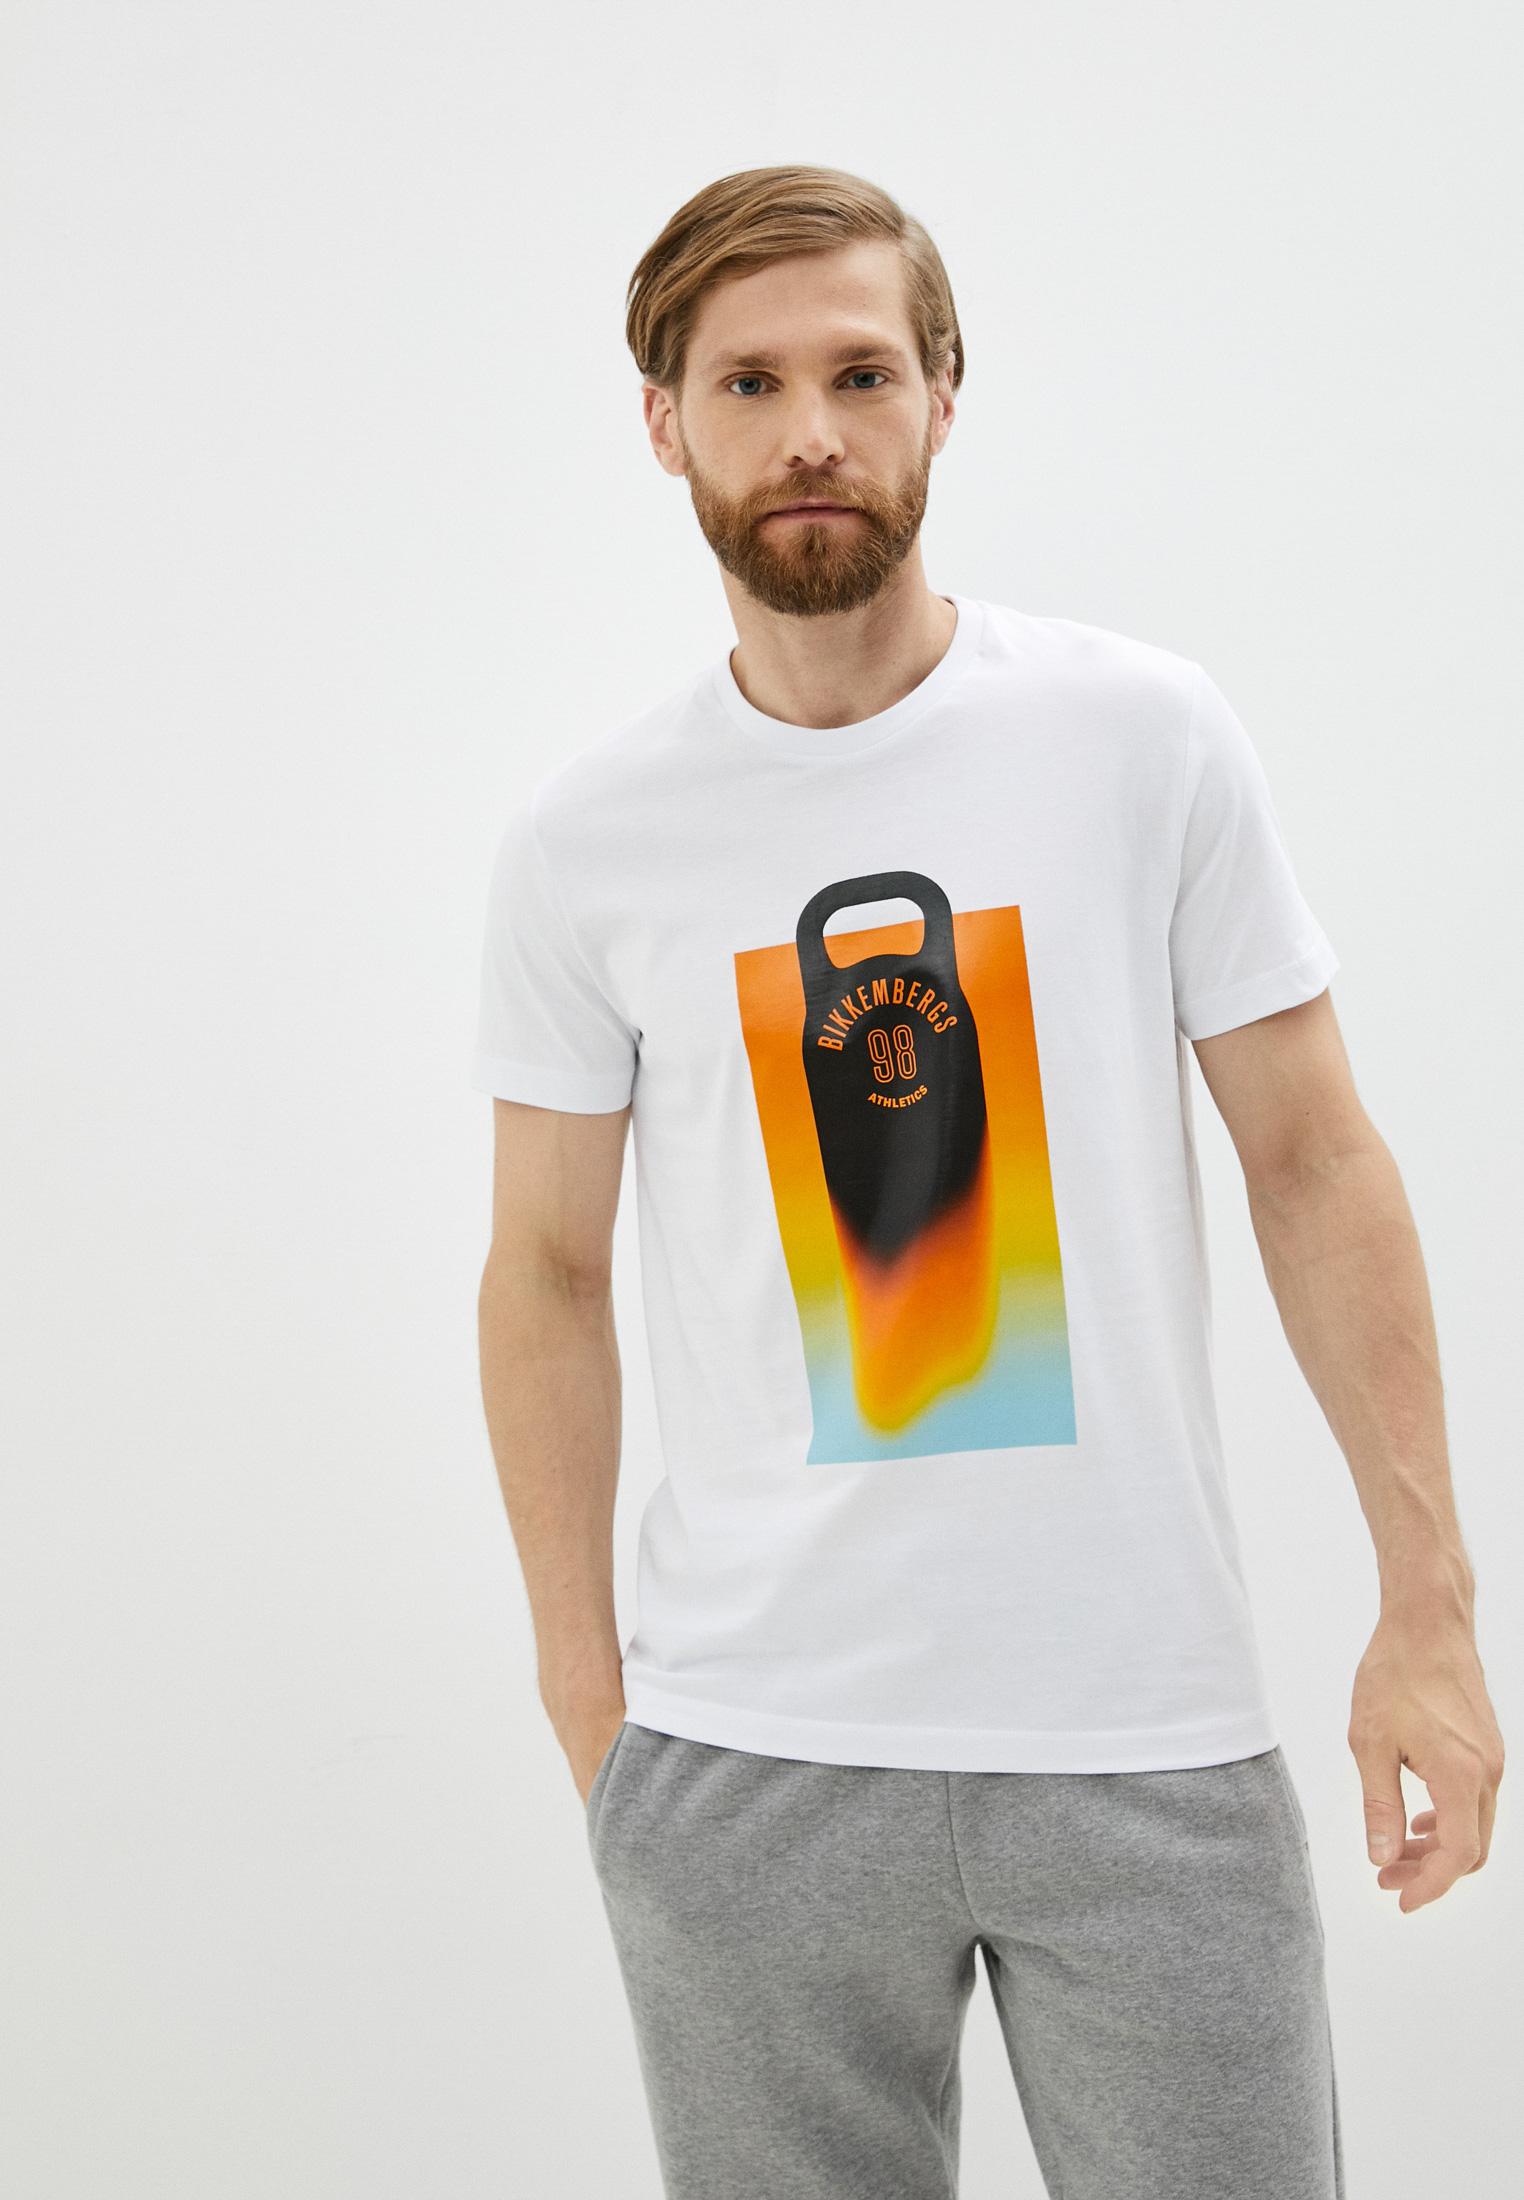 Мужская футболка Bikkembergs (Биккембергс) C 4 101 46 M 4298